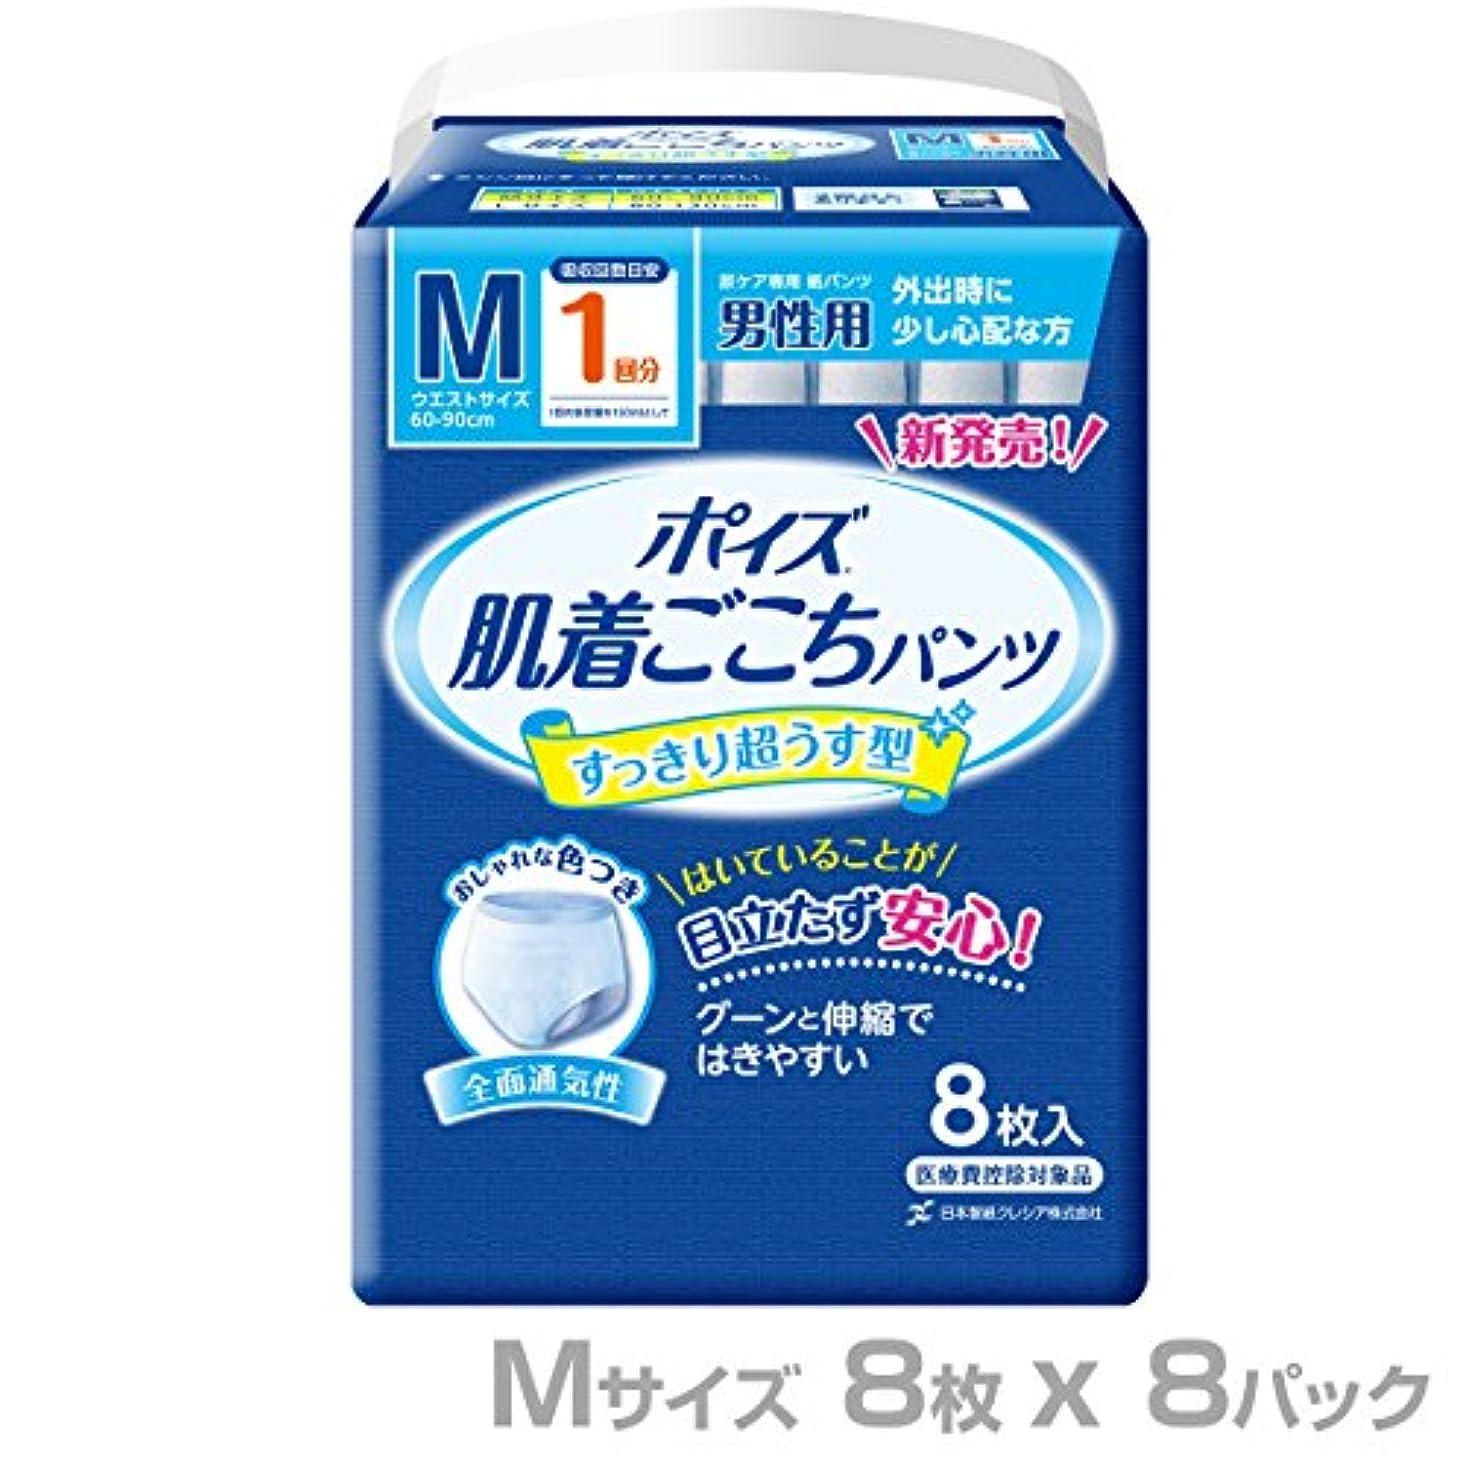 可塑性開梱今後日本製紙クレシア ポイズ 肌着ごこちパンツ 男性用 1回分 Mサイズ8枚×8 (64枚) 80967